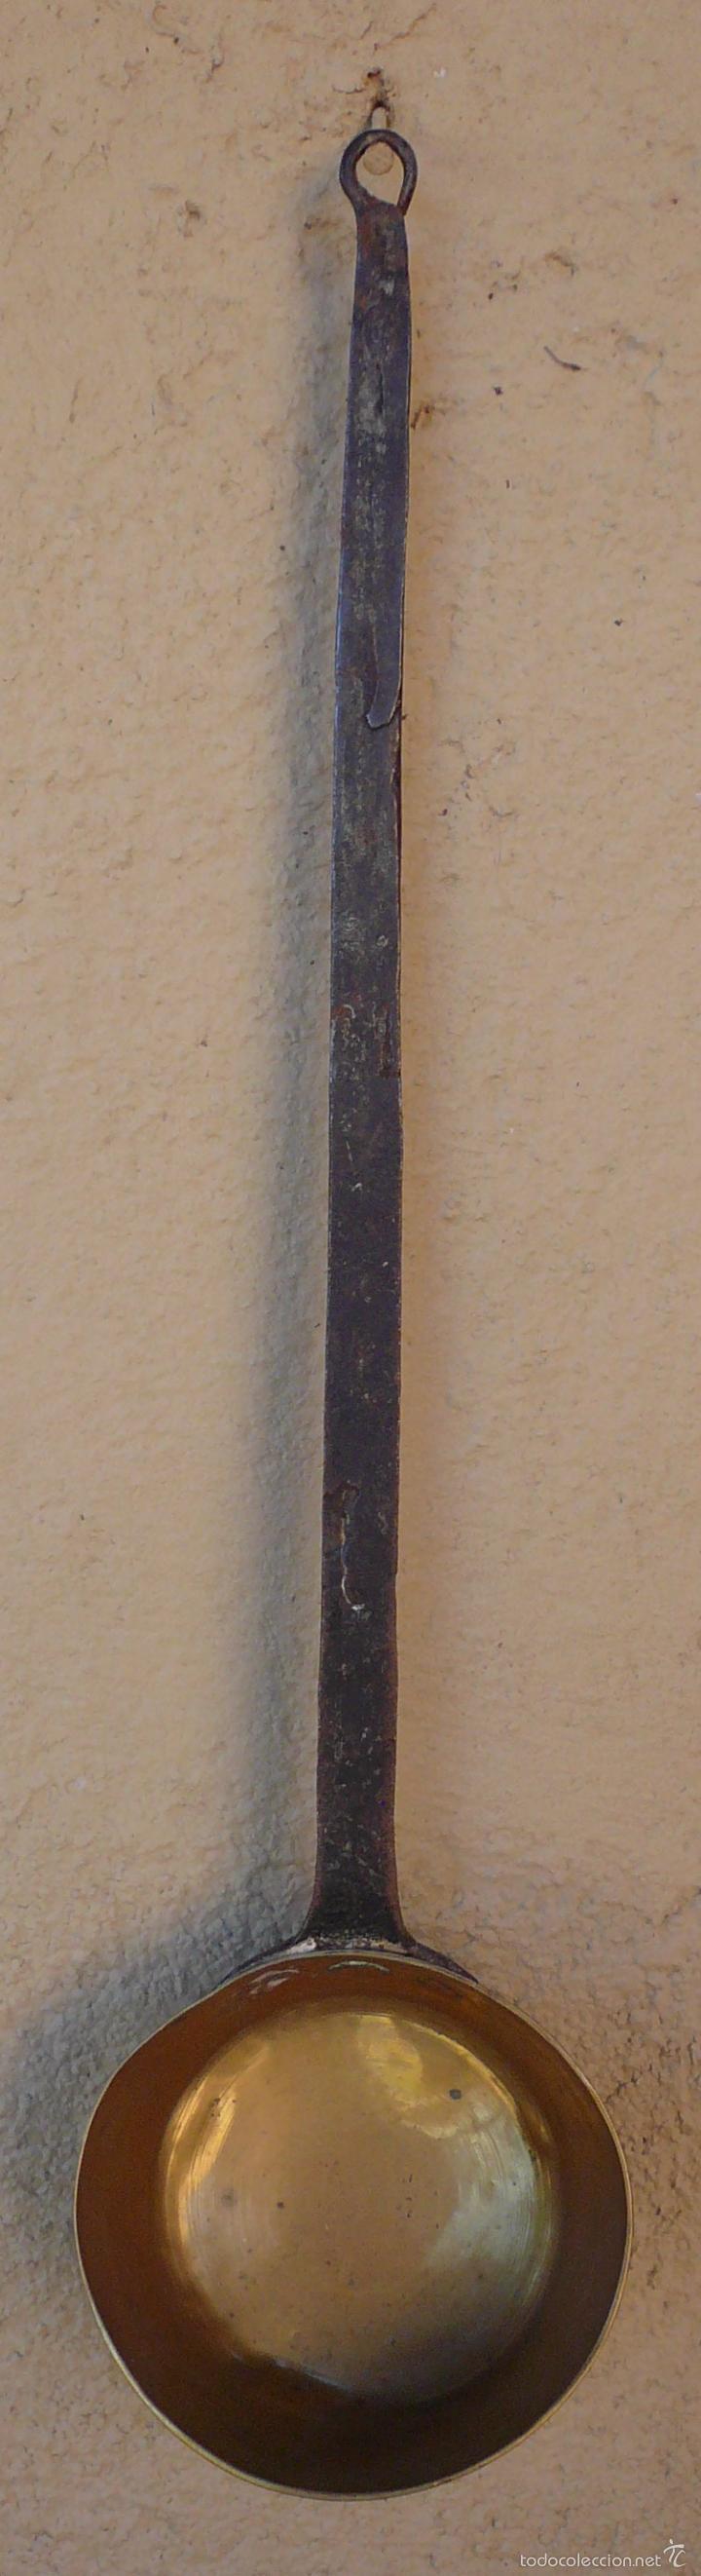 Antigüedades: CAZO DE COBRE CON MANGO FORJADO EN HIERRO. LARGO 48,5 CMS DIAM 11,5 CMS PROFUND 5 CMS - Foto 3 - 55691110